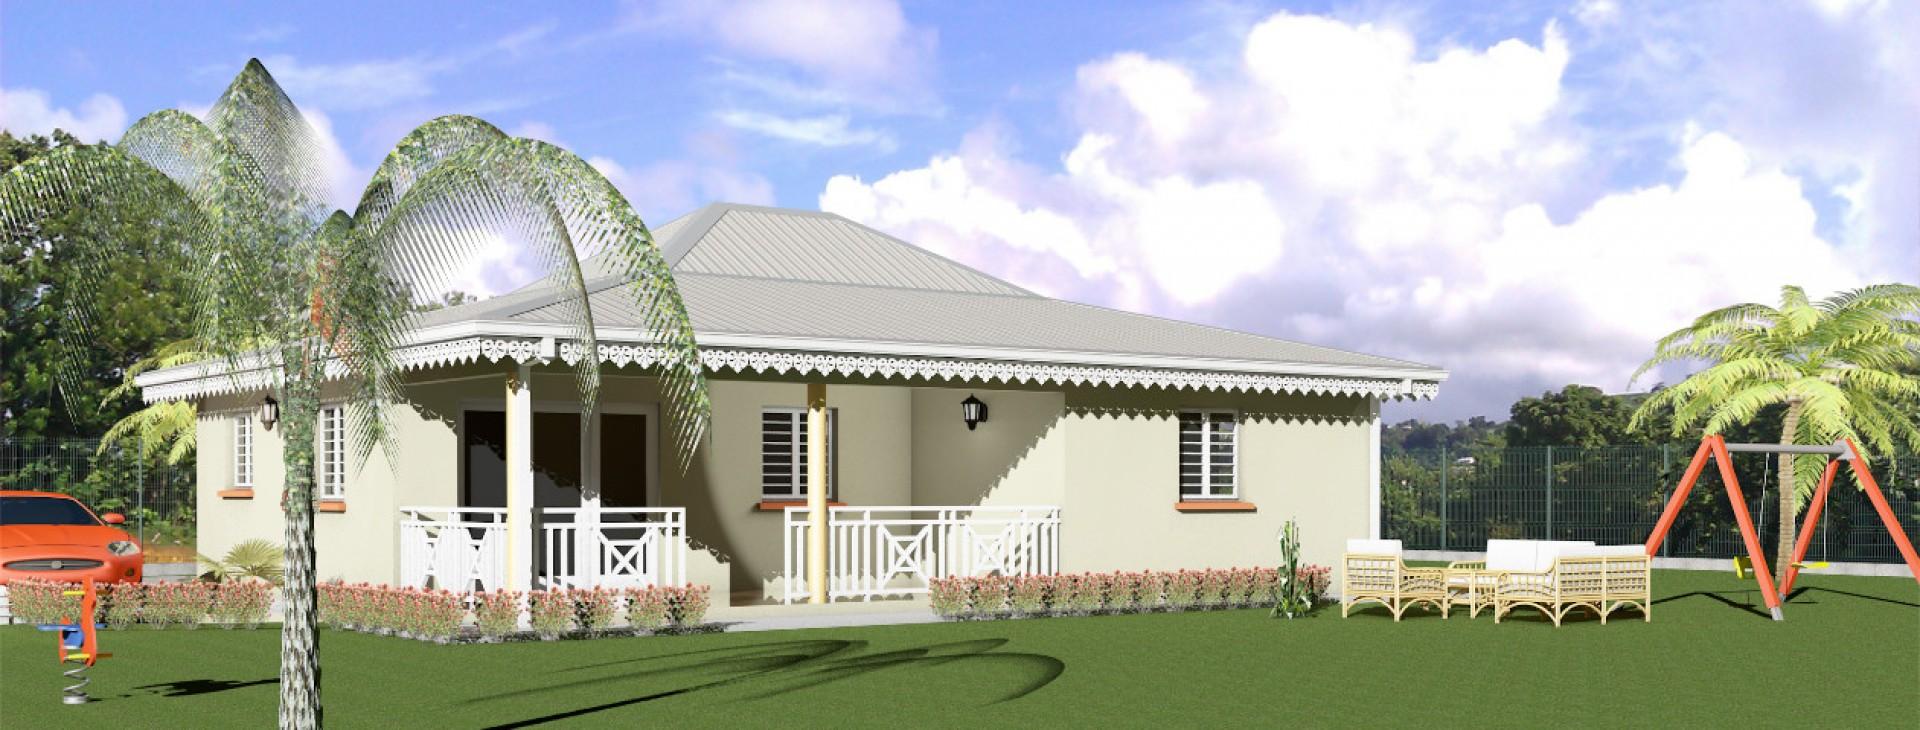 Constructeur maison individuelle martinique ventana blog for Construction de maison individuelle en guadeloupe